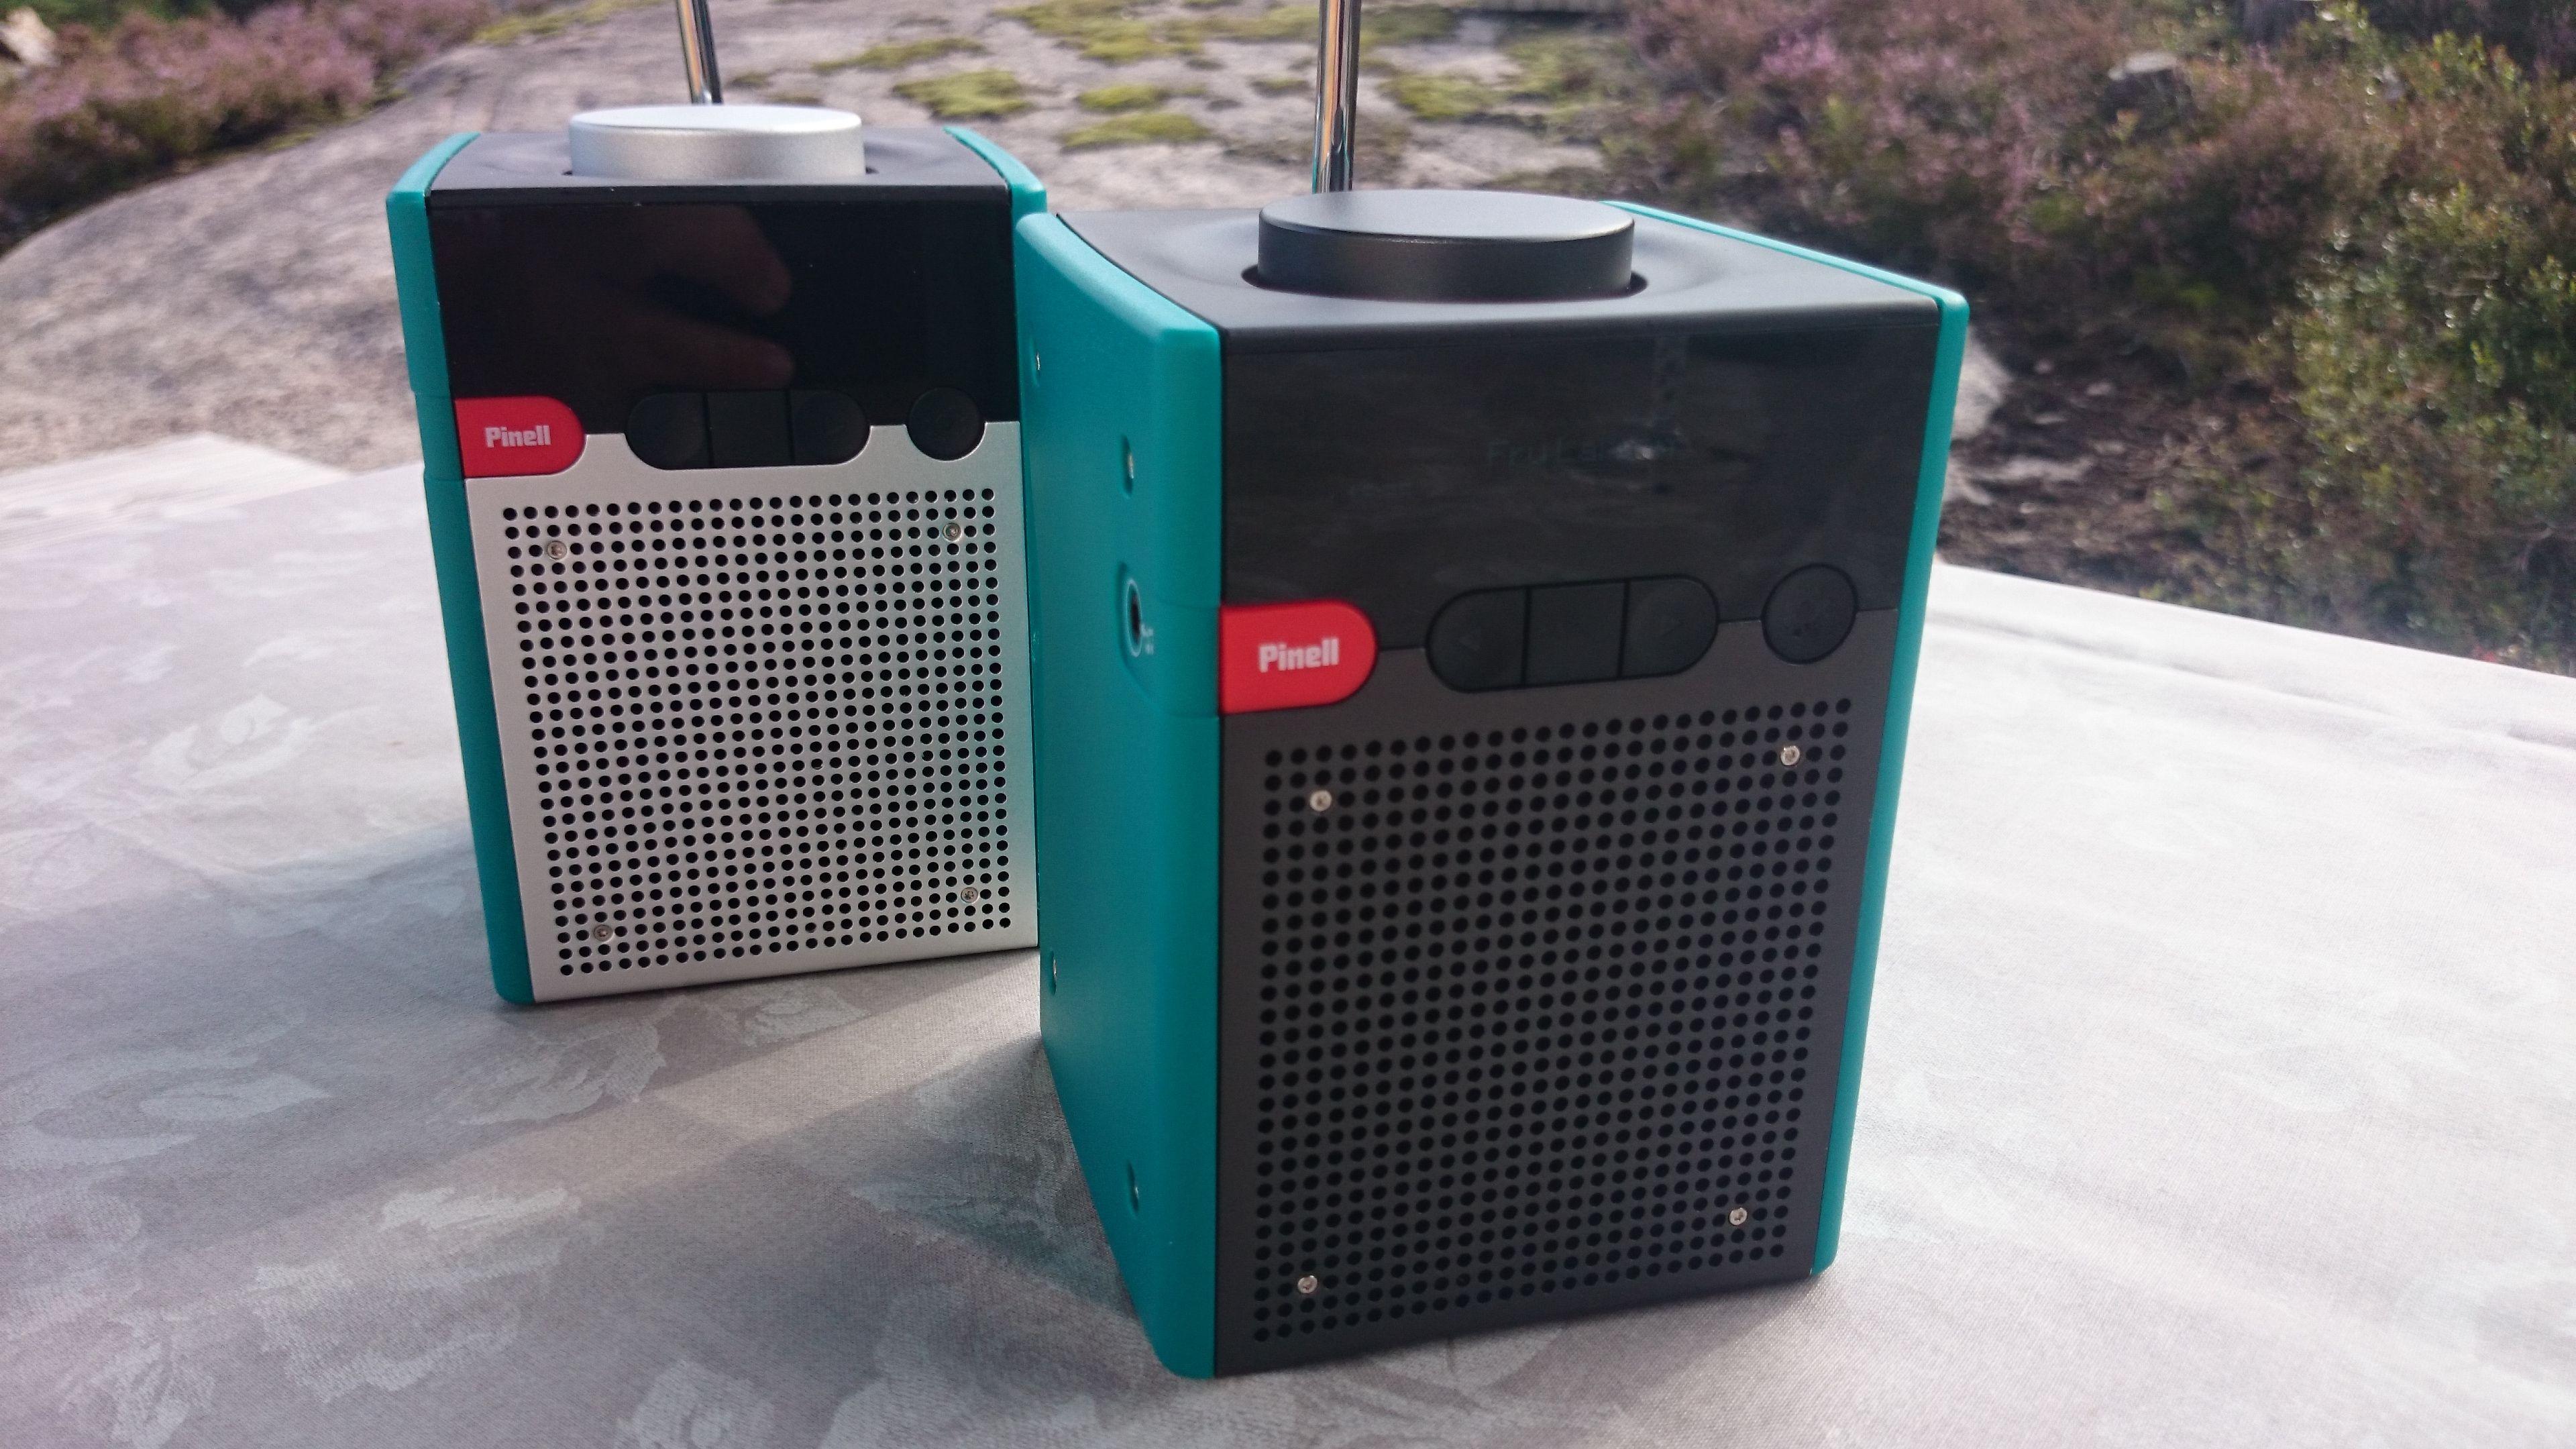 Den fremste radioen er en Pinell Go+, mens radioen i bakgrunnen er den originale Pinell-radioen uten Bluetooth. Den nye versjonen har mørke metallflater. (Foto: Espen Irwing Swang, Tek.no)